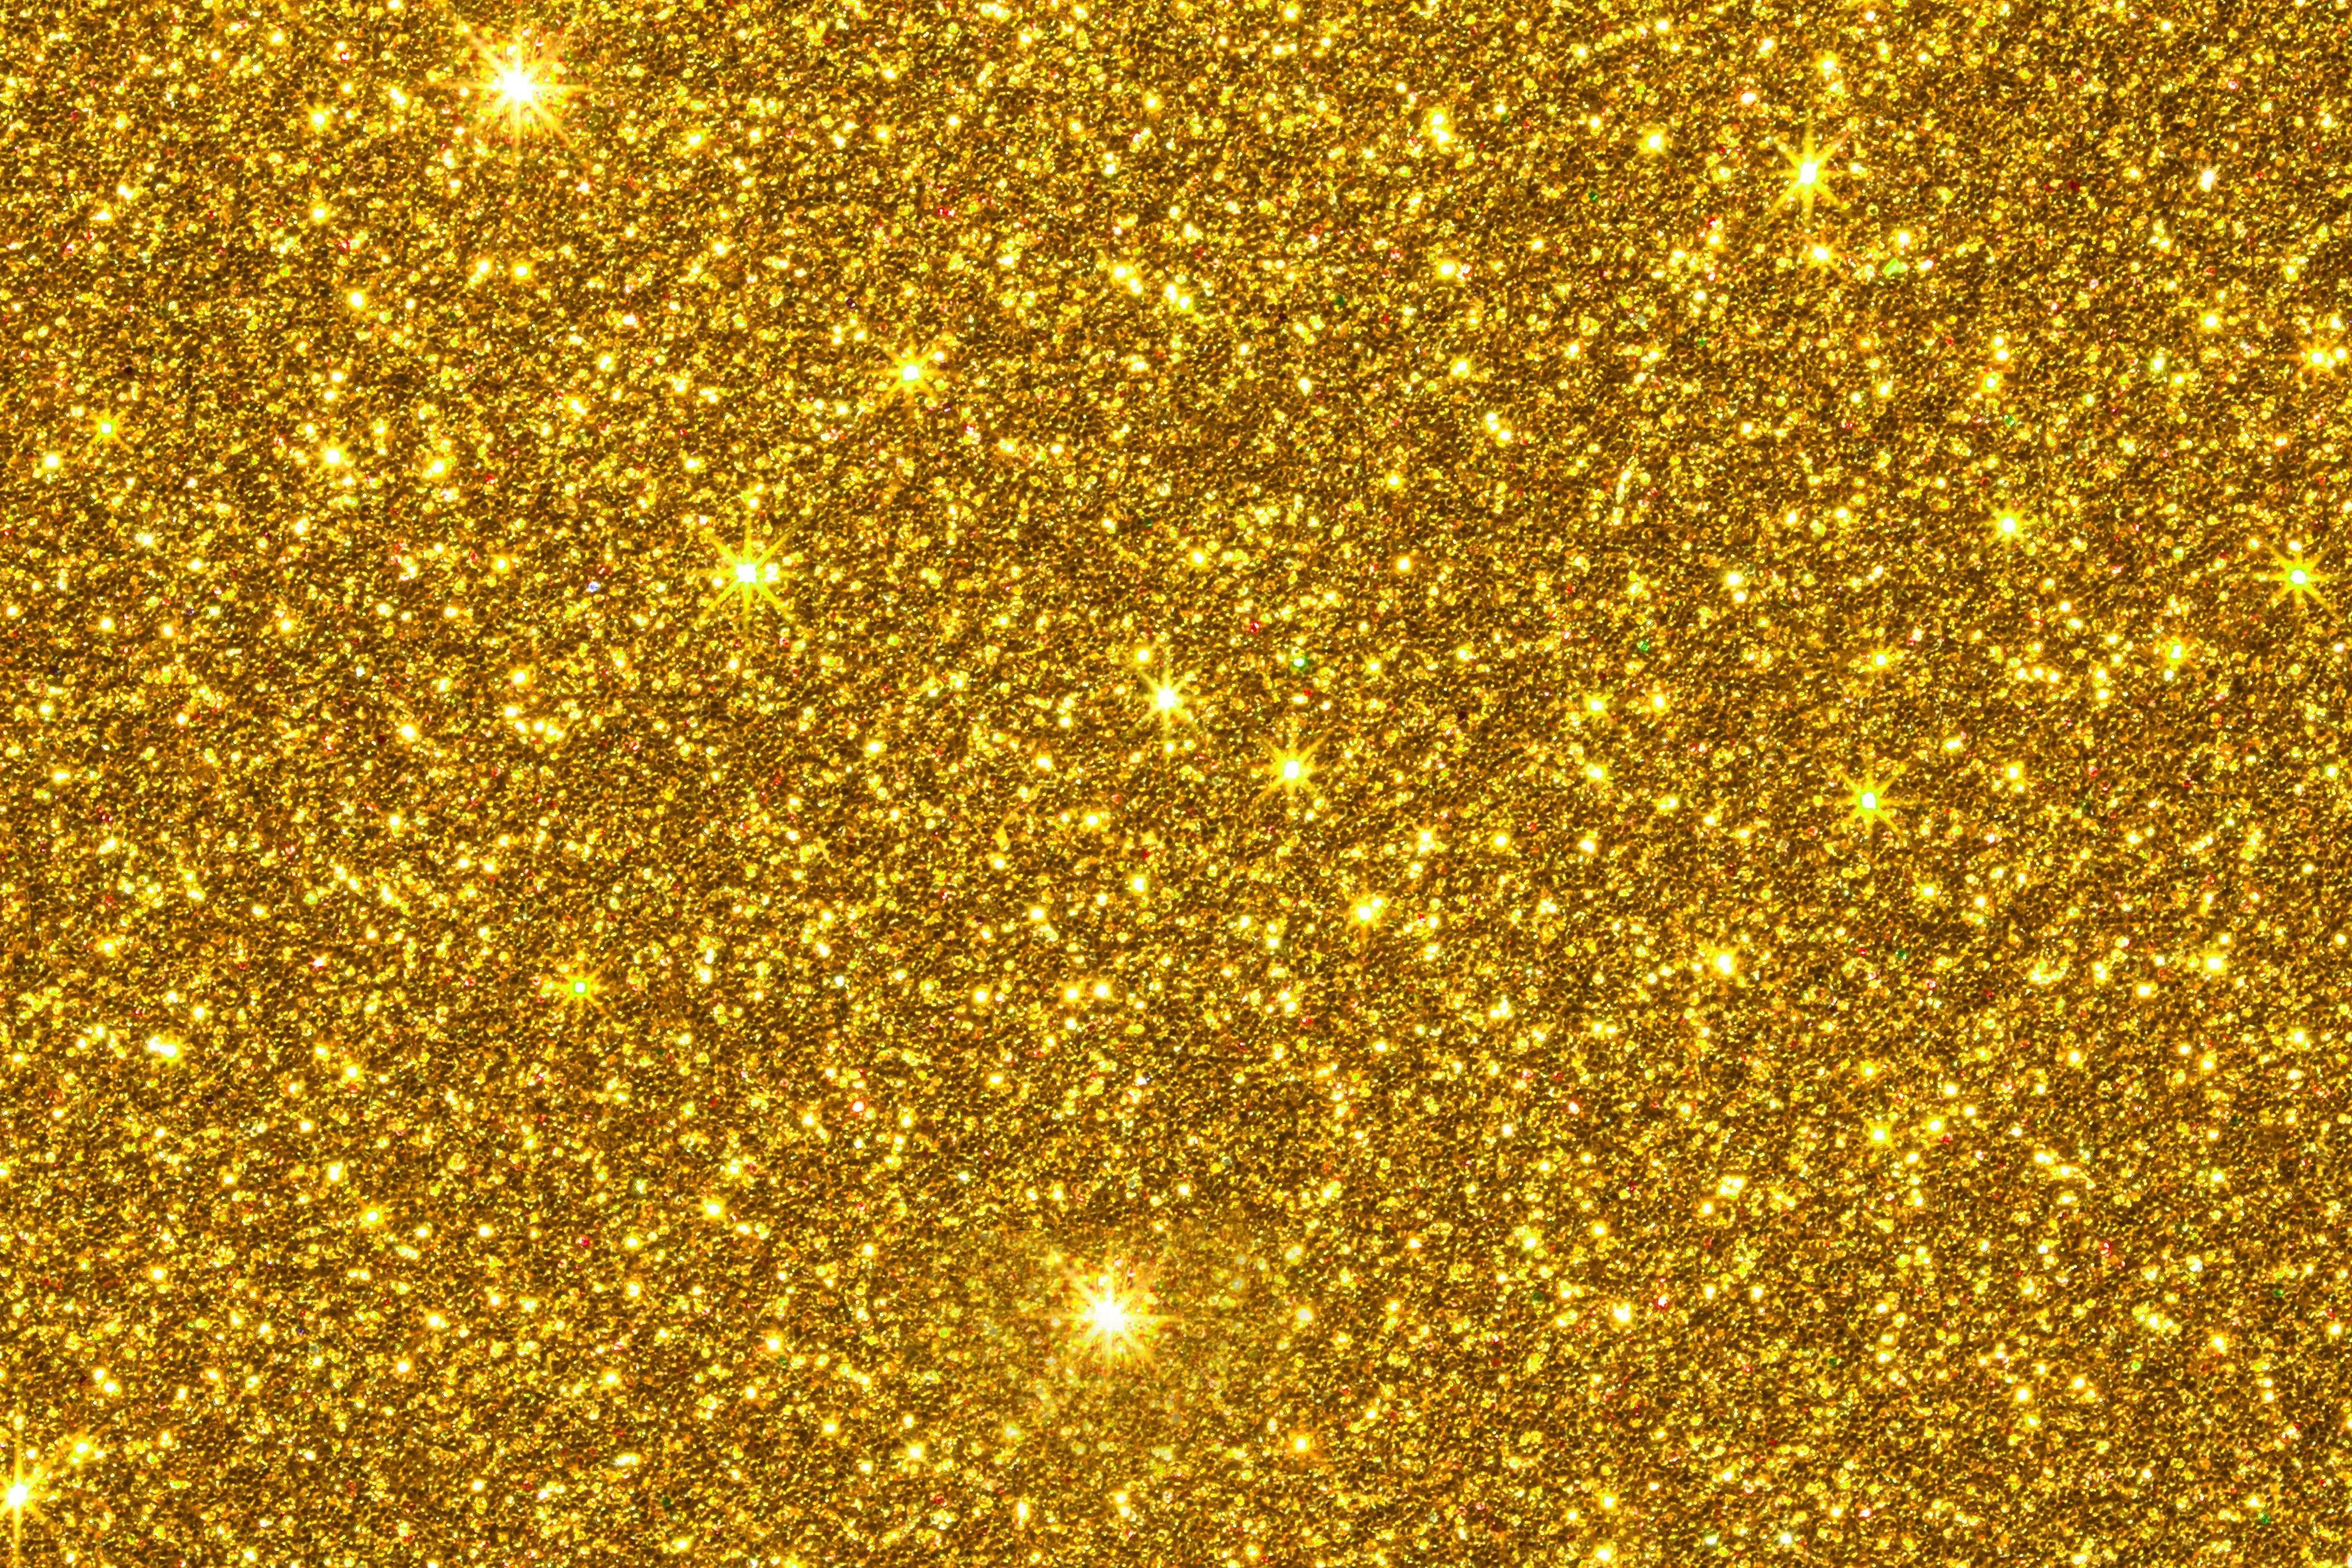 Golden Hd Wallpaper